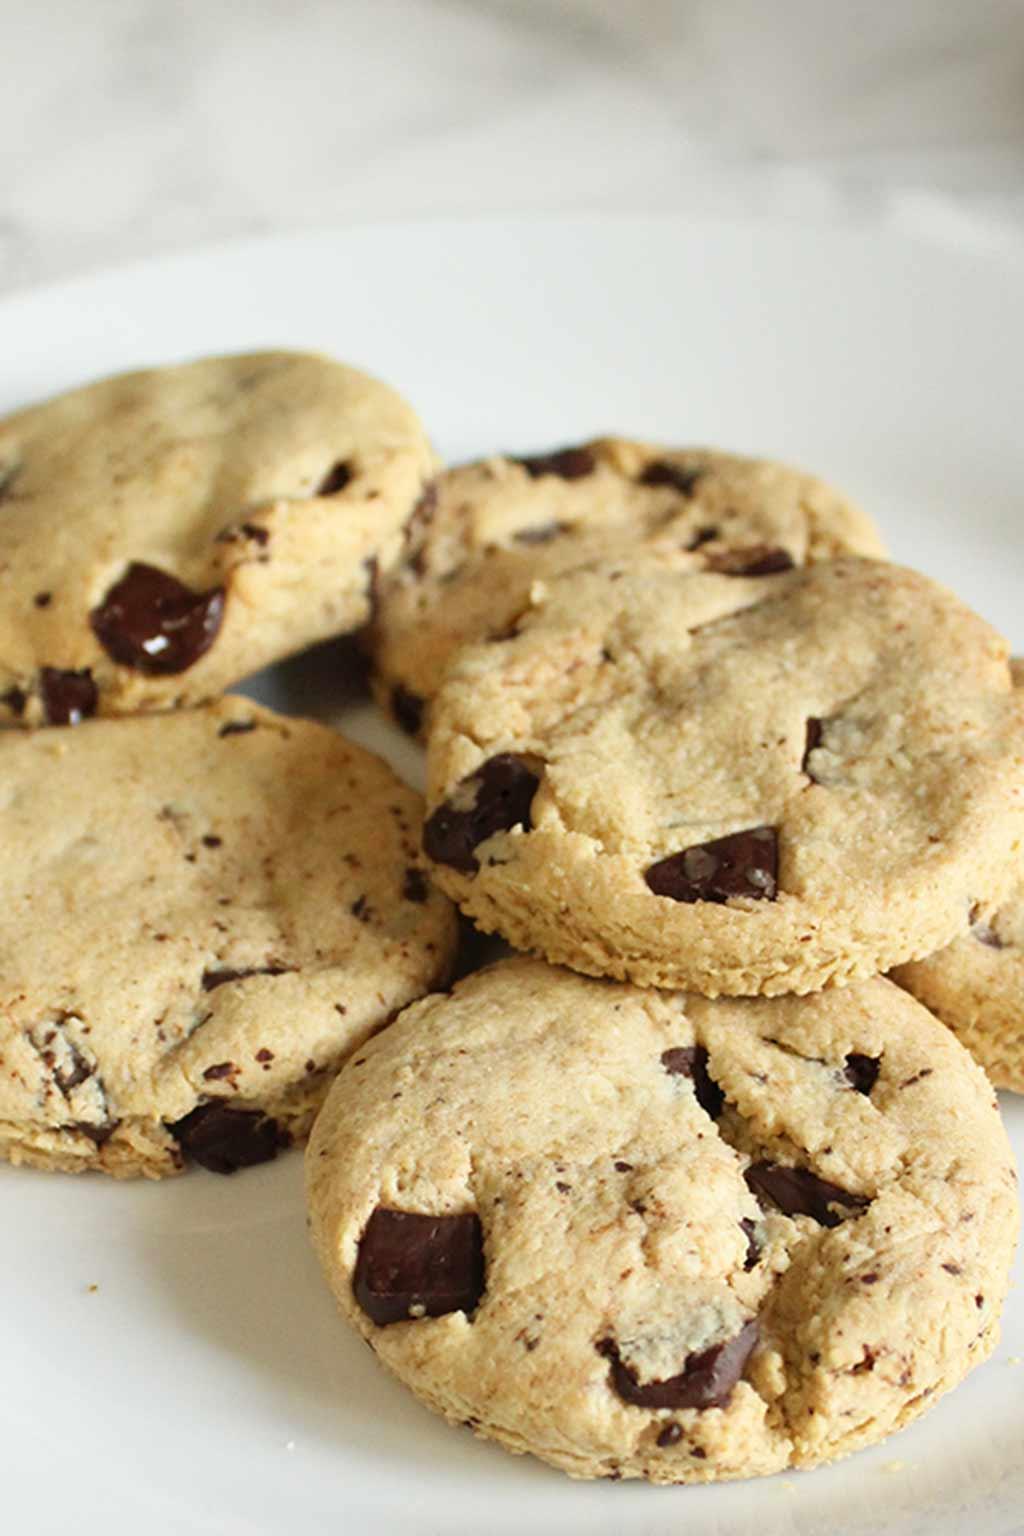 Vegan shortbread cookies on plate